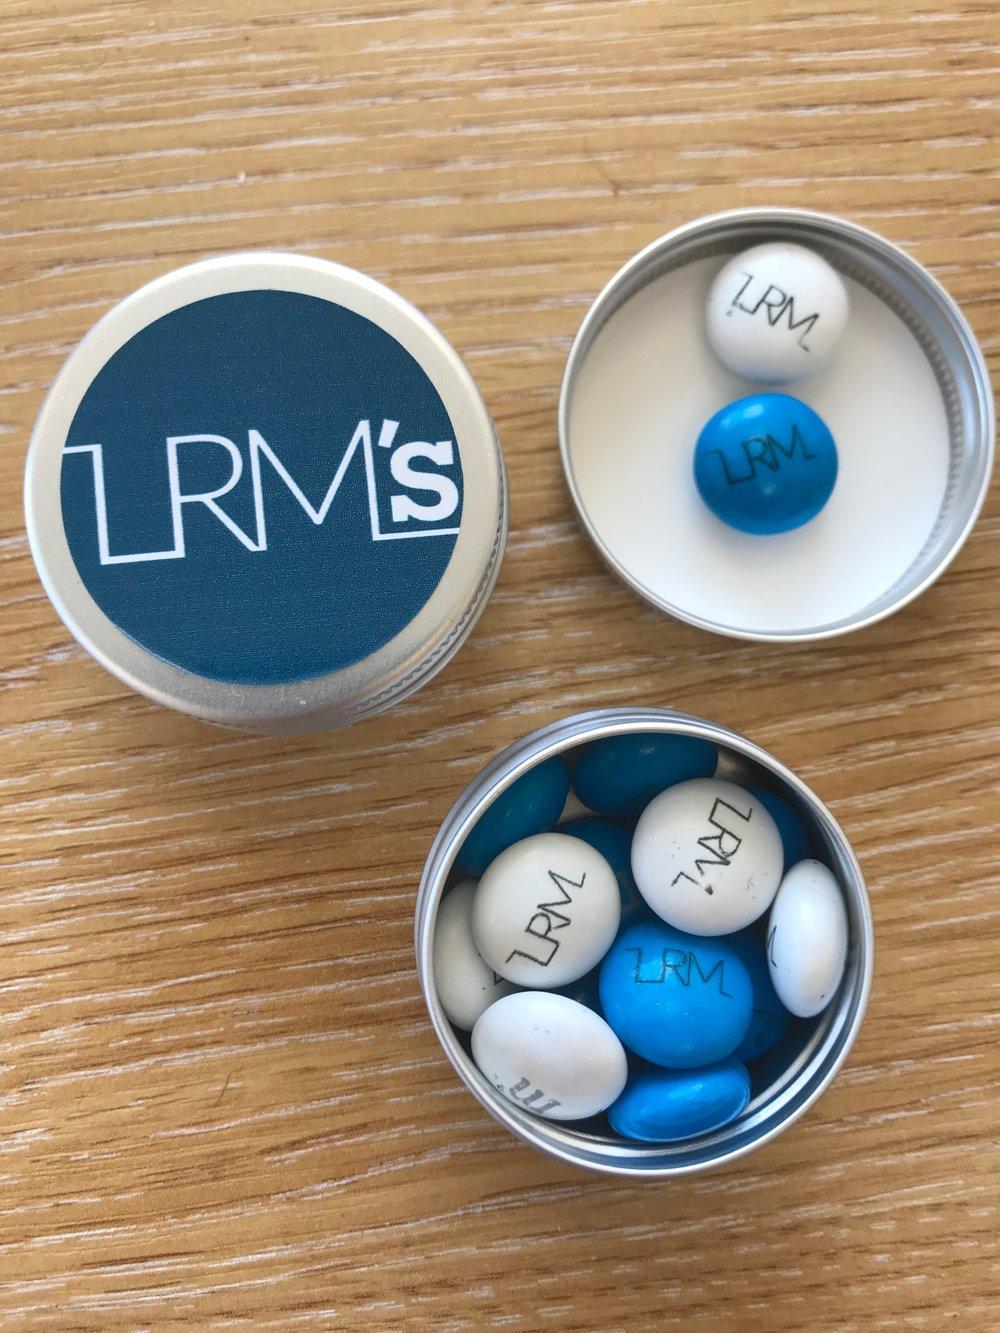 LRM1.jpg